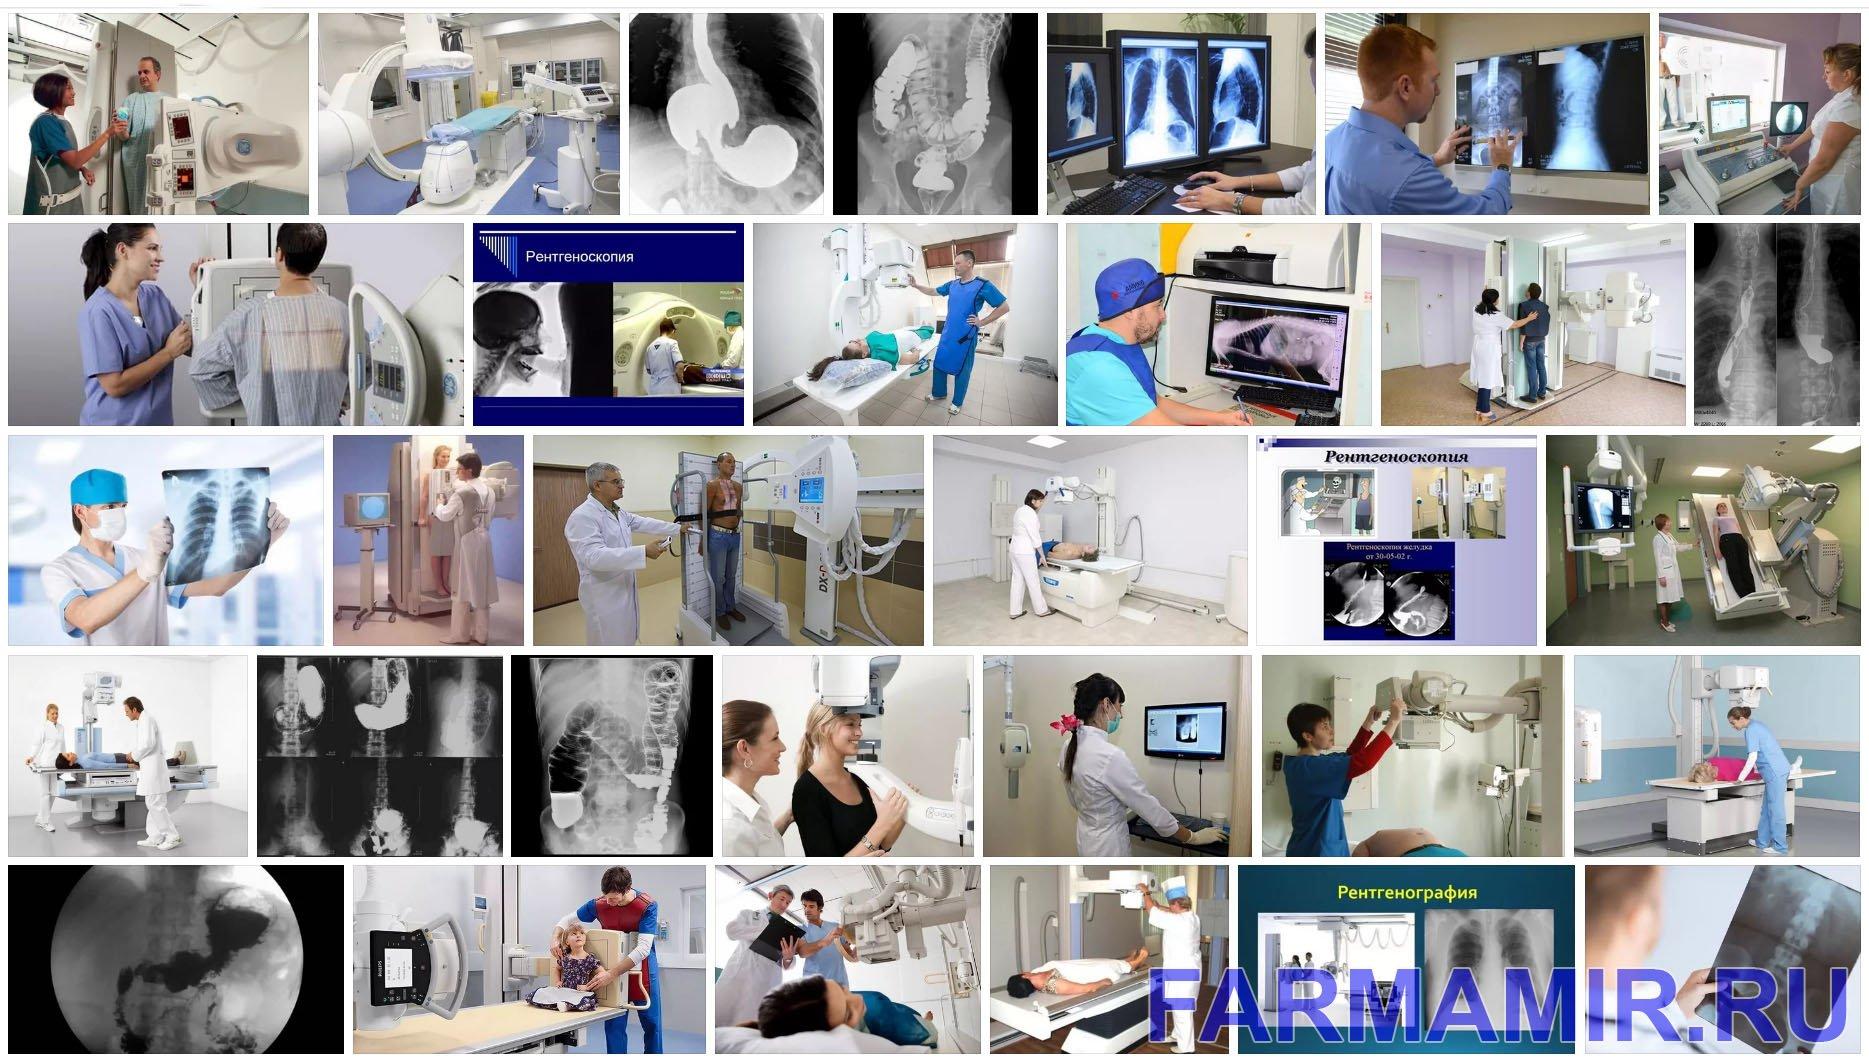 рентгеноскопия что такое коллаж